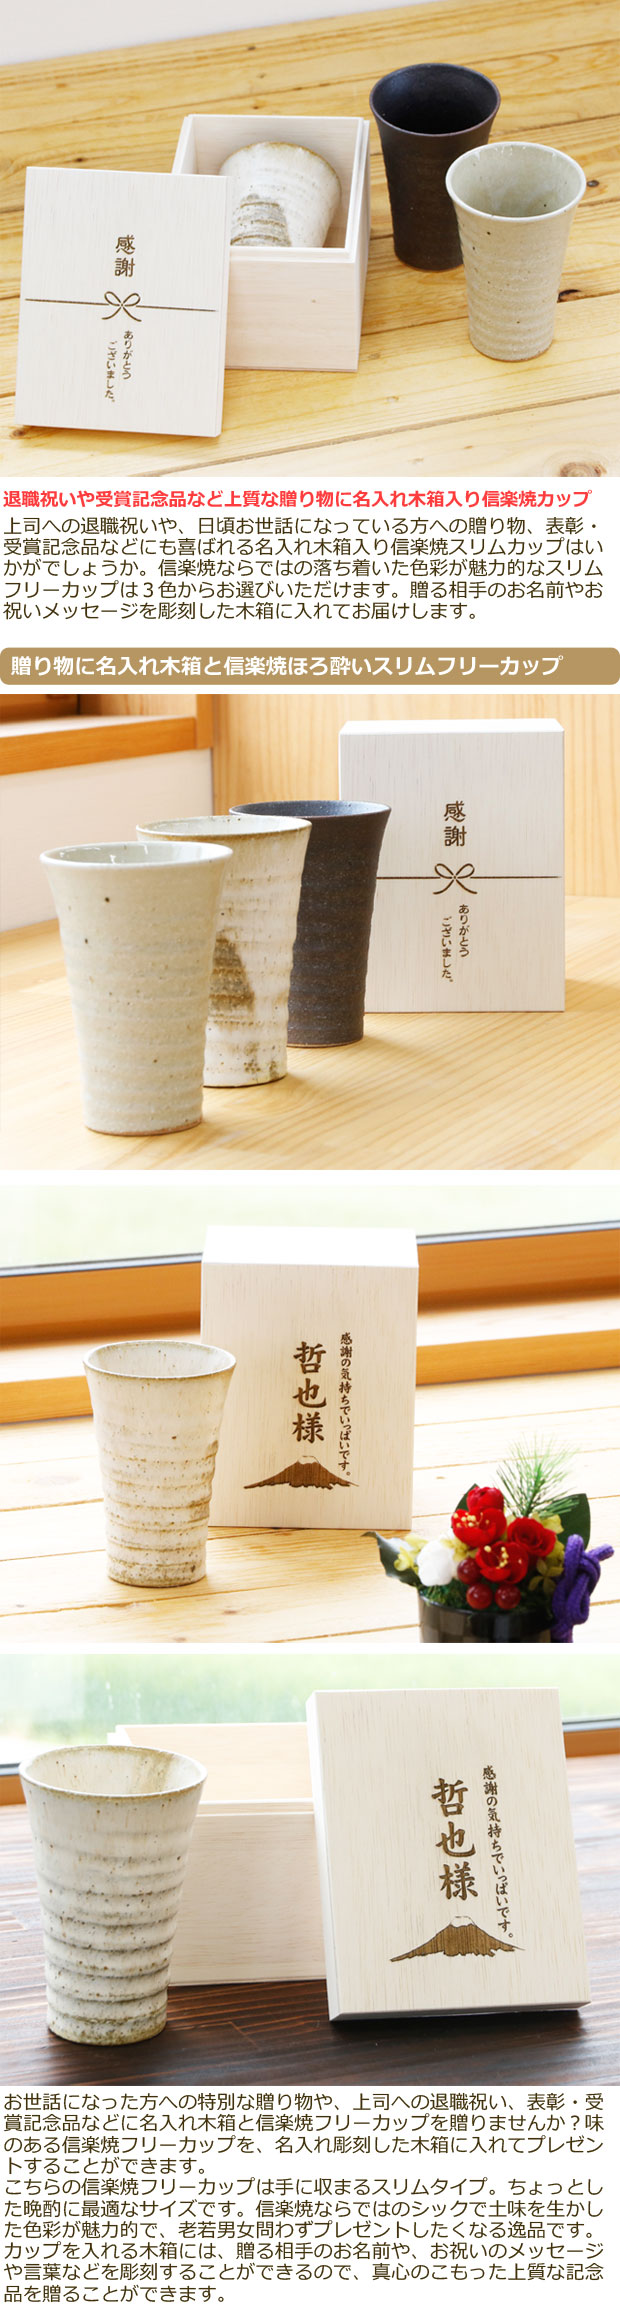 退職祝いや、日頃お世話になっている方への贈り物、表彰・受賞記念品などにも喜ばれる名入れ木箱入り信楽焼スリムカップ。